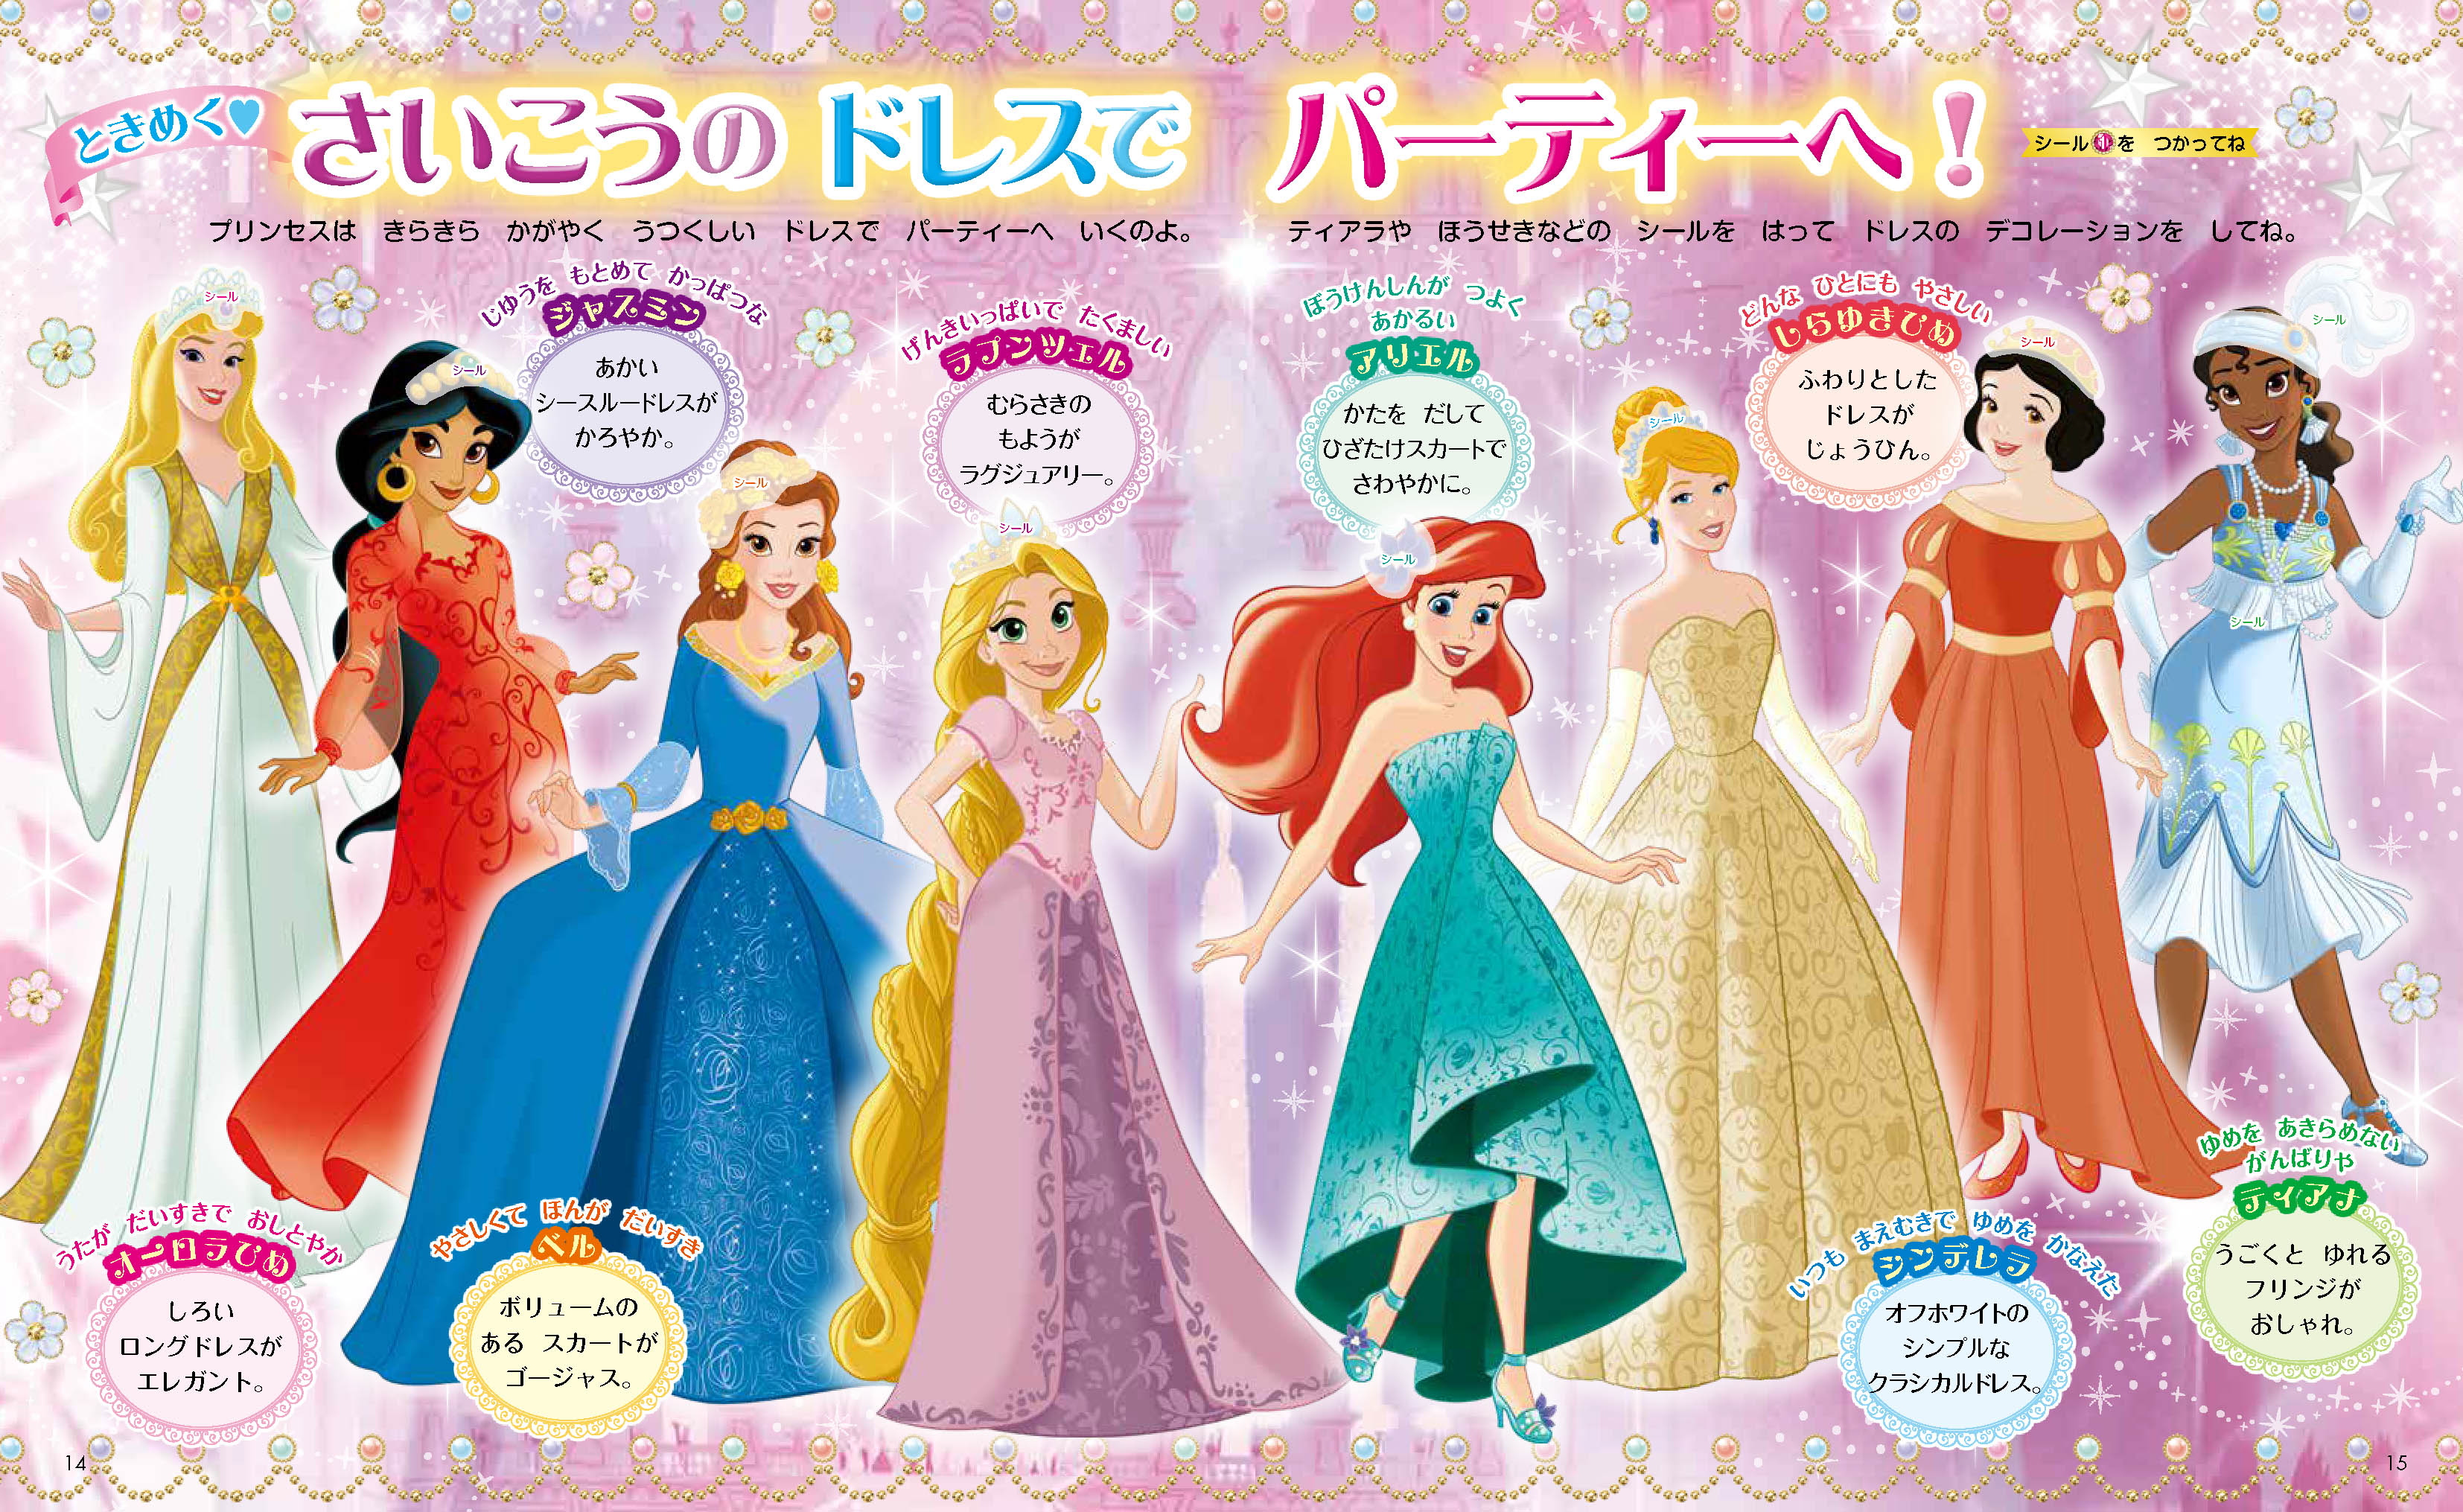 「プリンセスたちのドレスに飾りをつけて パーティードレスを完成させます」画像